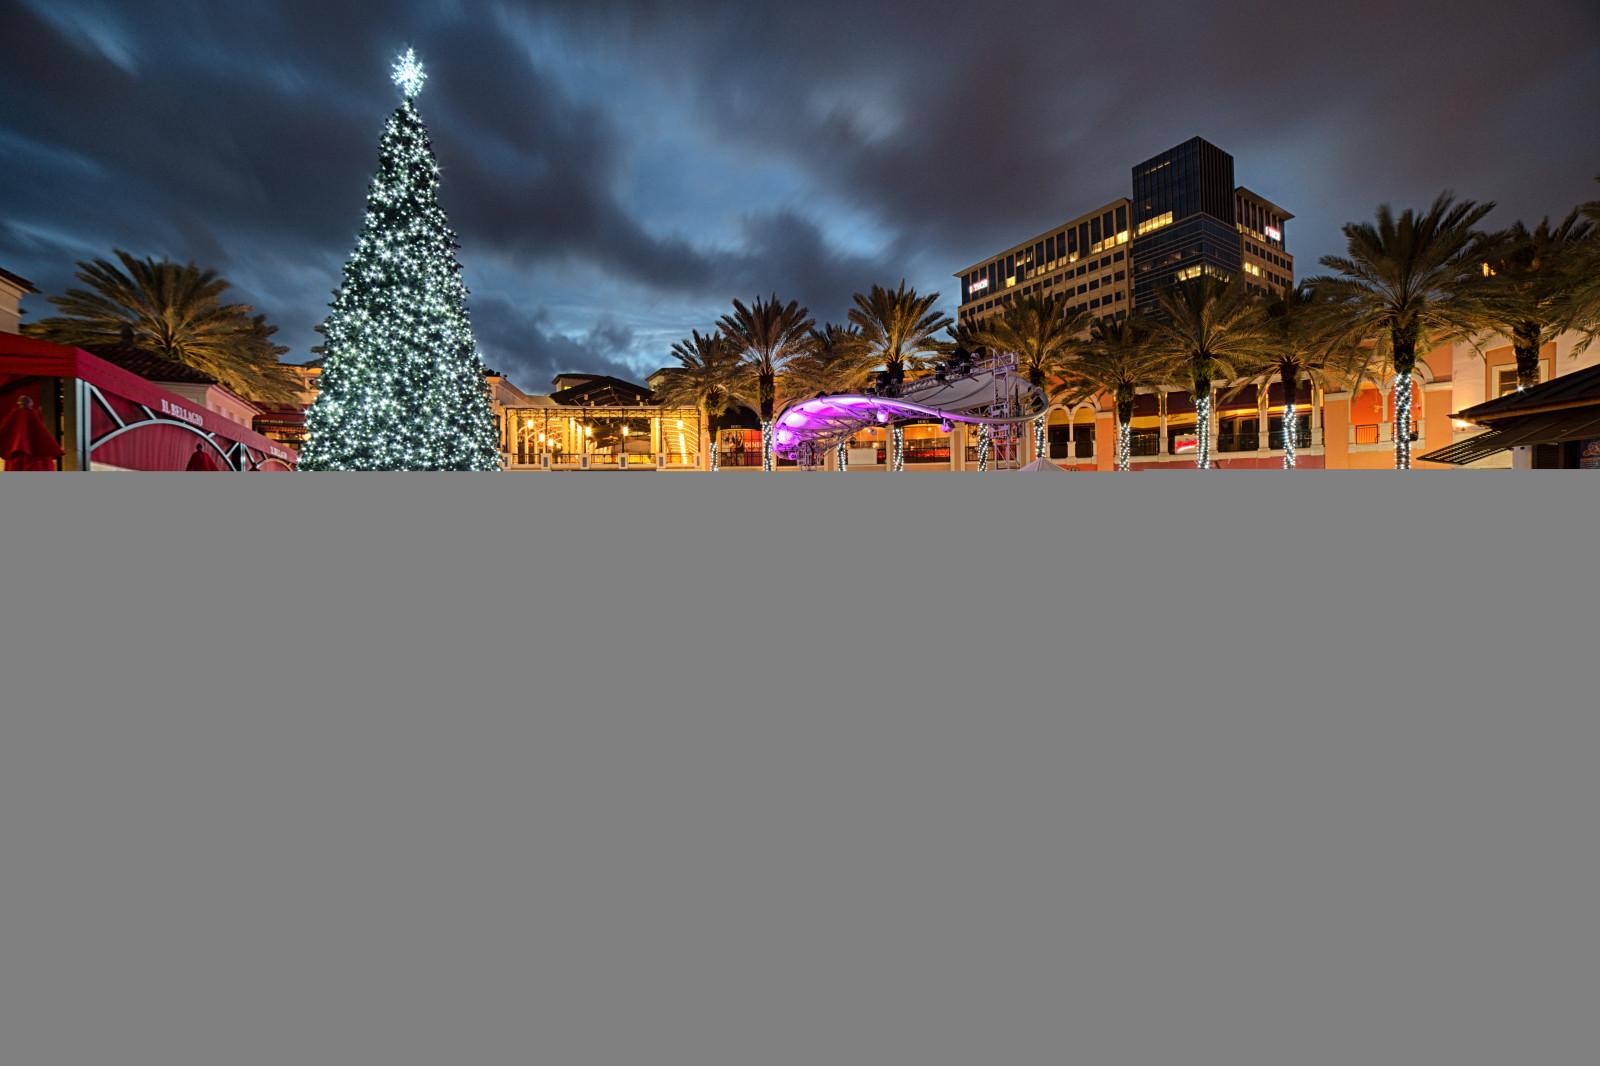 Hintergrundbilder : Landschaft, Strand, Weihnachten, Florida, County ...